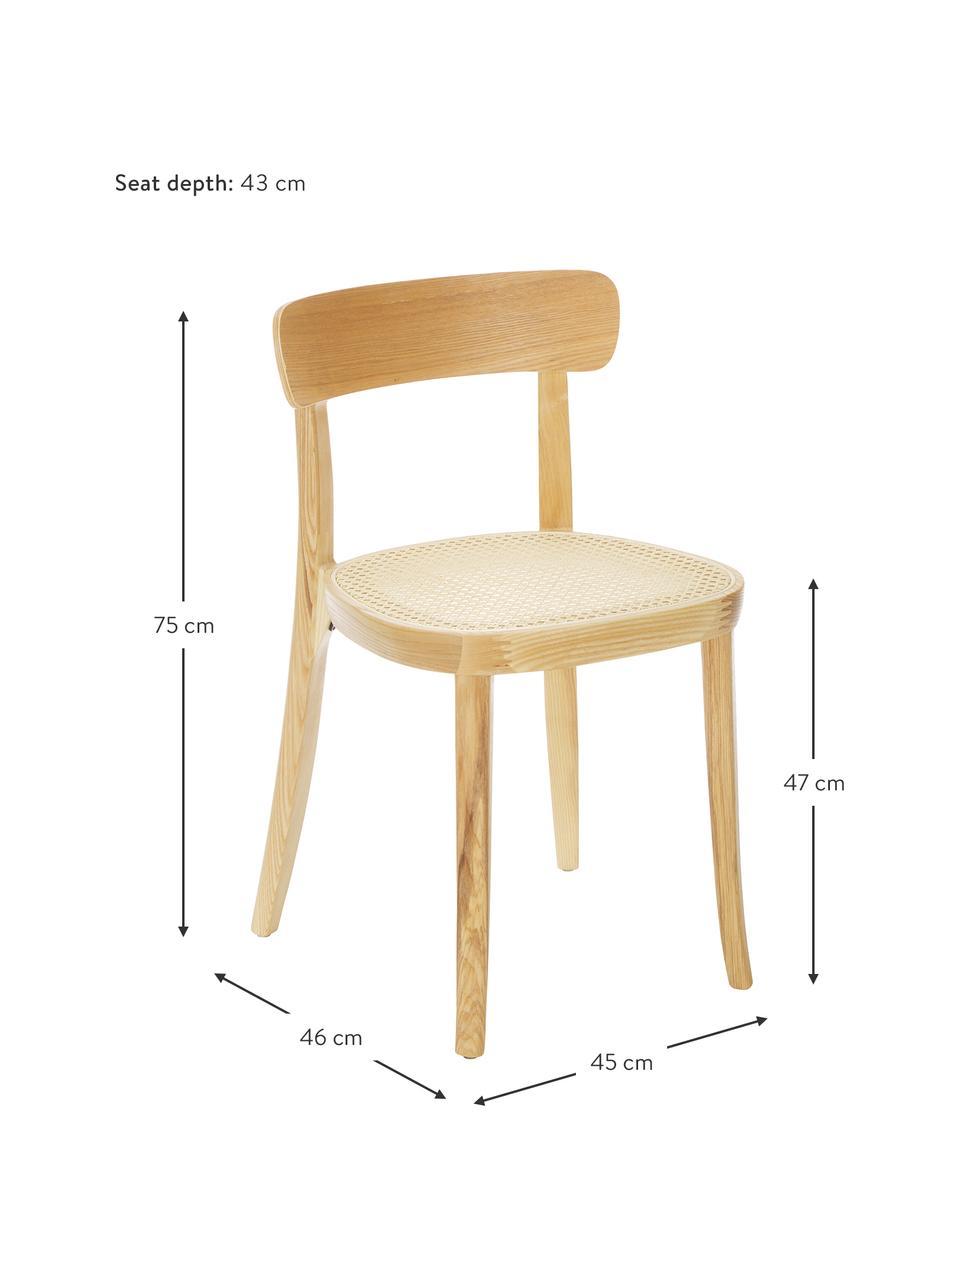 Sedia in legno con intreccio viennese Richie 2 pz, Seduta: rattan, Struttura: legno di frassino massicc, Legno chiaro, Larg. 45 x Alt. 75 cm